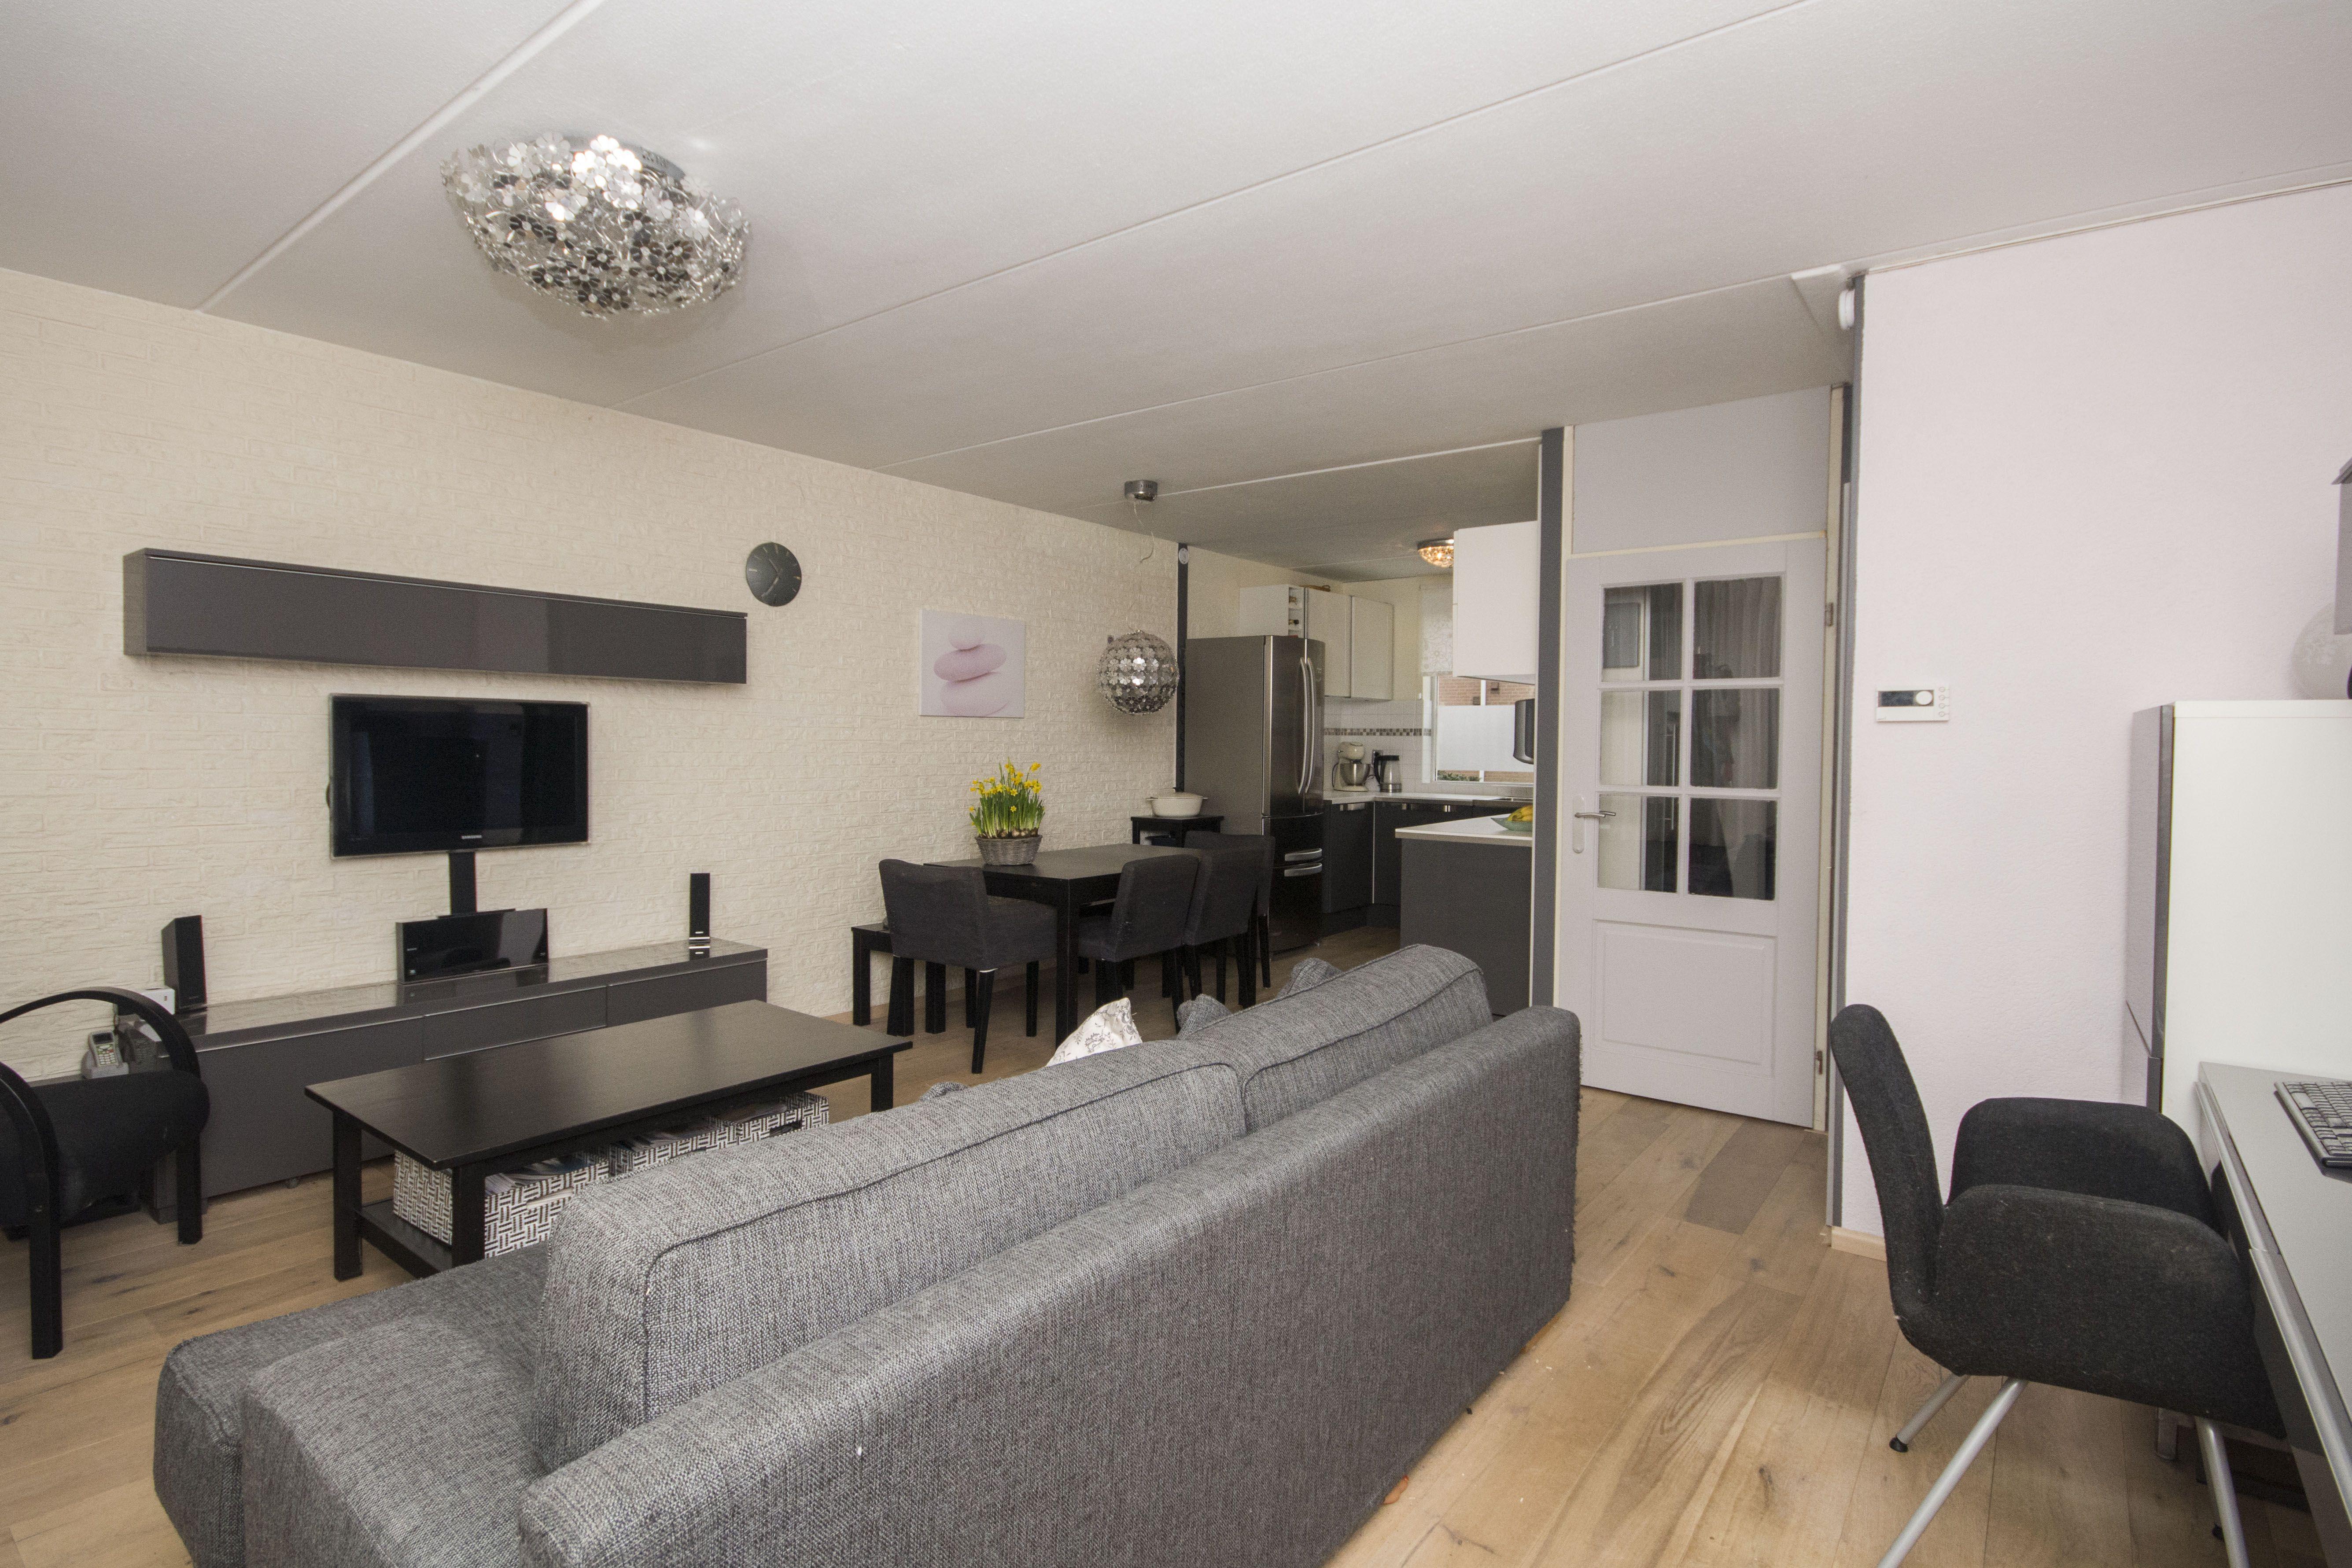 Interieur Woonkamer Eiken : Woonkamer met licht eiken parket vloer woonkamer